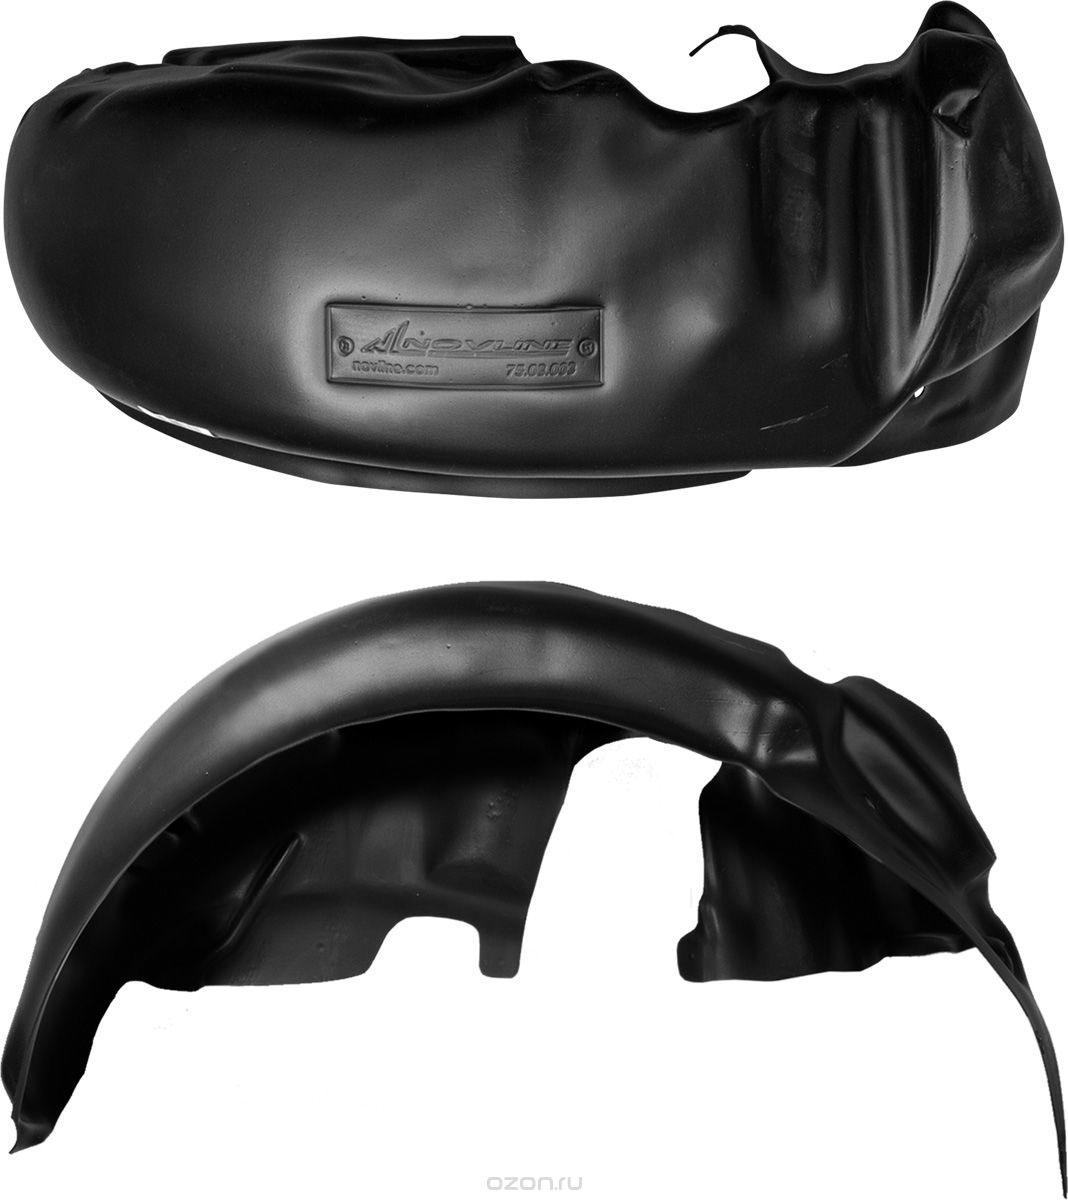 Подкрылок Novline-Autofamily, для Hyundai Solaris, 02/2017, седан, задний правыйNLL.20.48.004Идеальная защита колесной ниши. Локеры разработаны с применением цифровых технологий, гарантируют максимальную повторяемость поверхности арки. Изделия устанавливаются без нарушения лакокрасочного покрытия автомобиля, каждый подкрылок комплектуется крепежом. Уважаемые клиенты, обращаем ваше внимание, что фотографии на подкрылки универсальные и не отражают реальную форму изделия. При этом само изделие идет точно под размер указанного автомобиля.